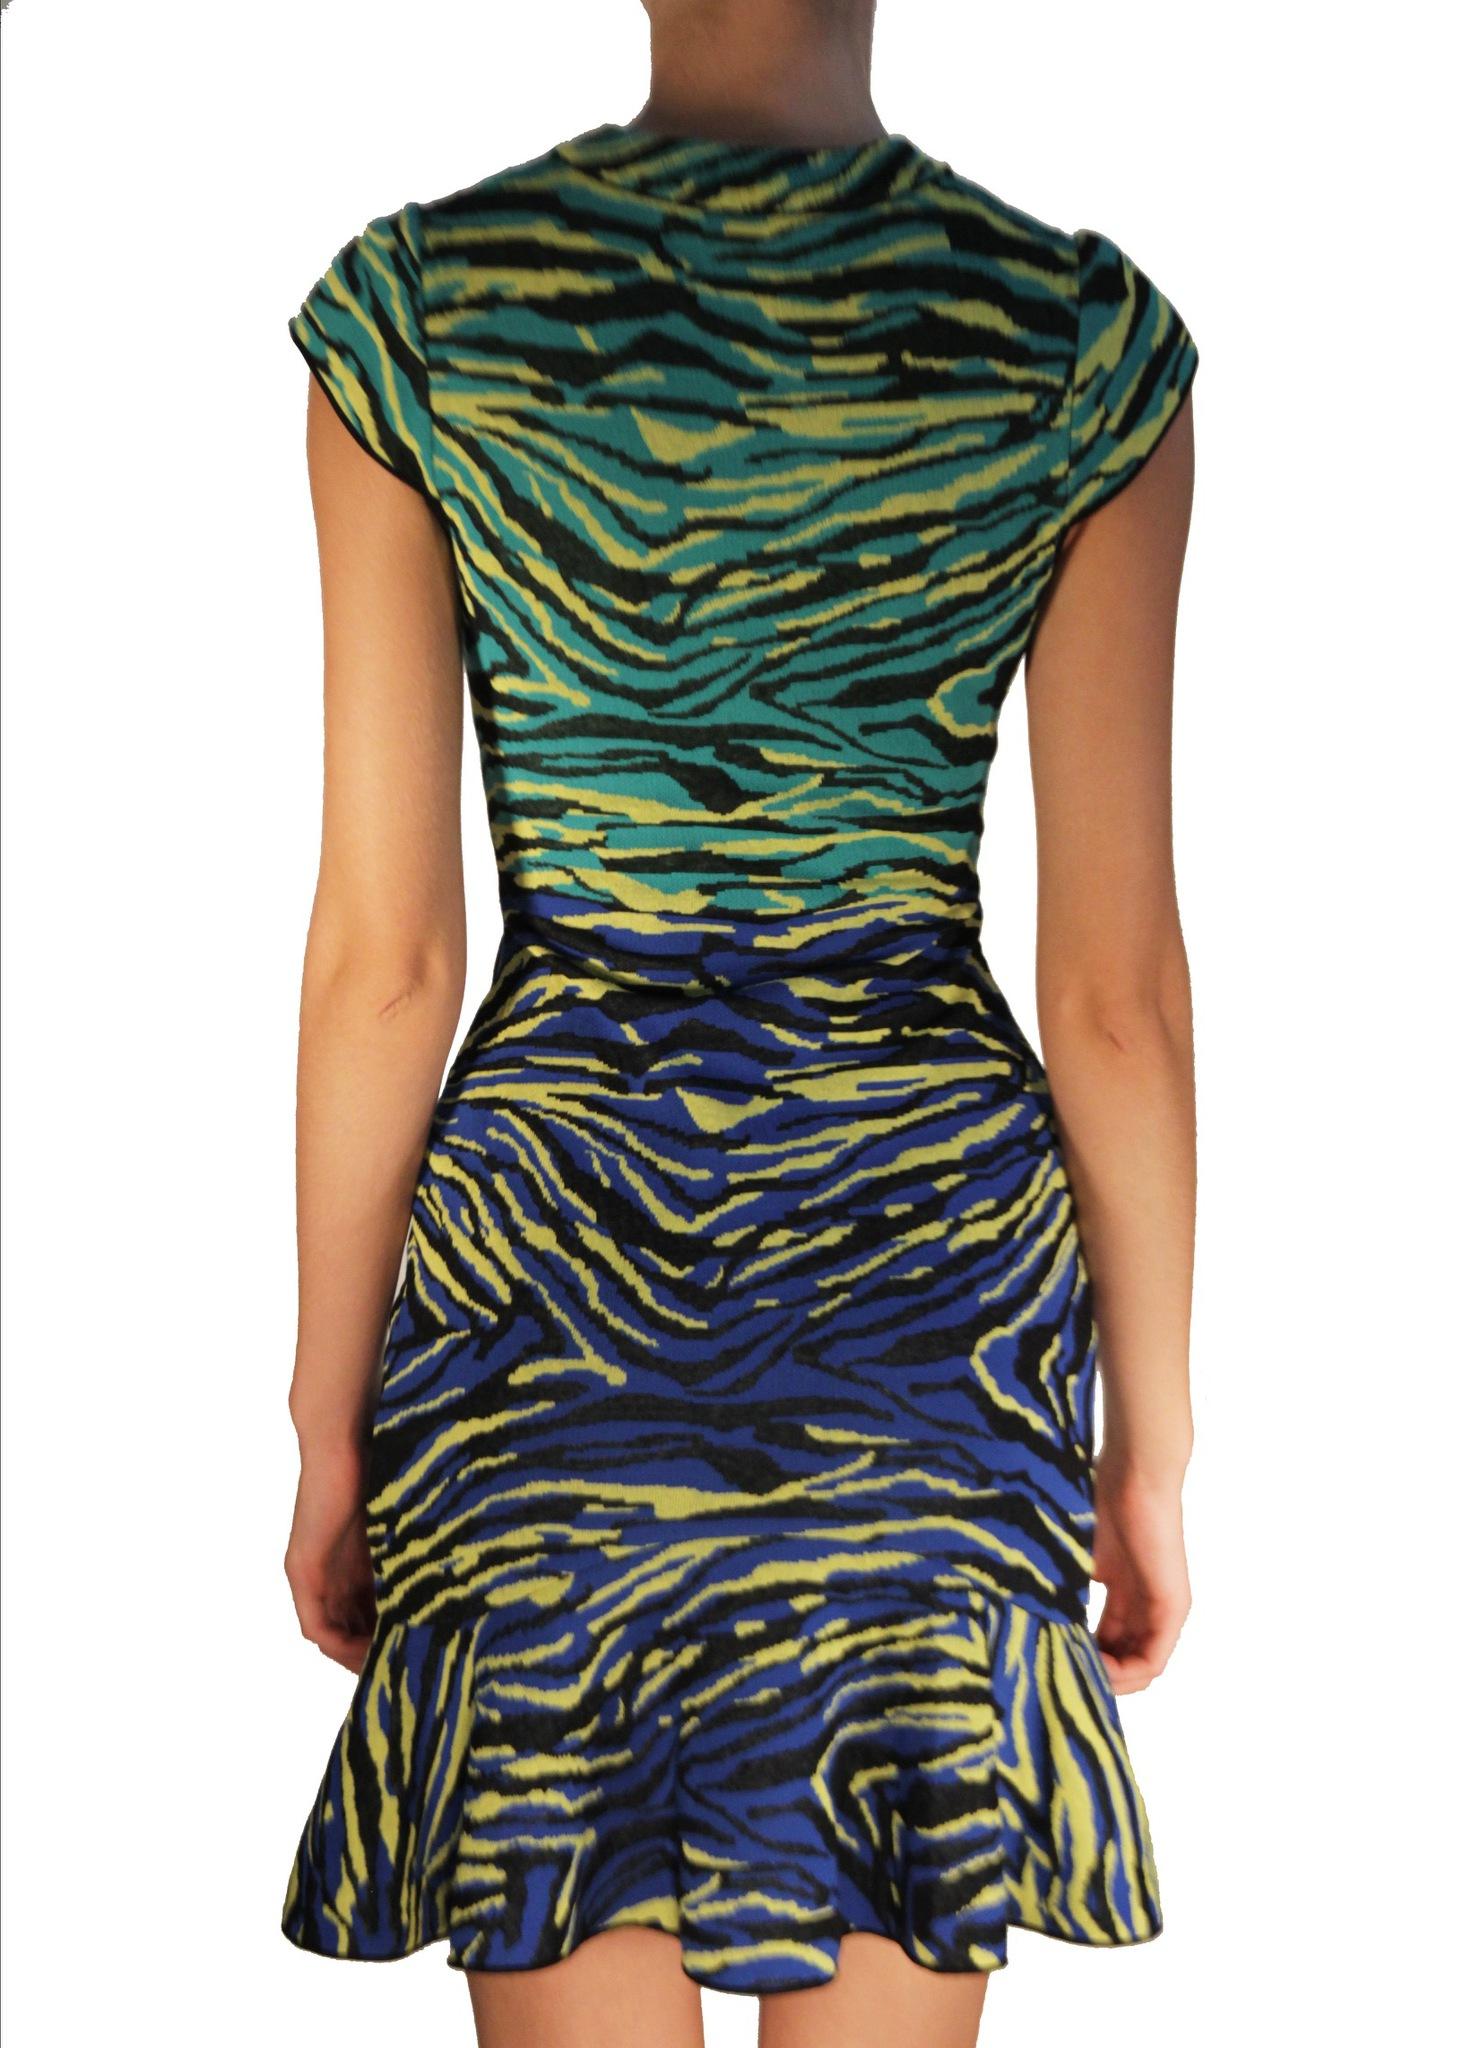 a26f9010ee8 Платье M MISSONI - купить официальный оригинал с доставкой в Москве ...